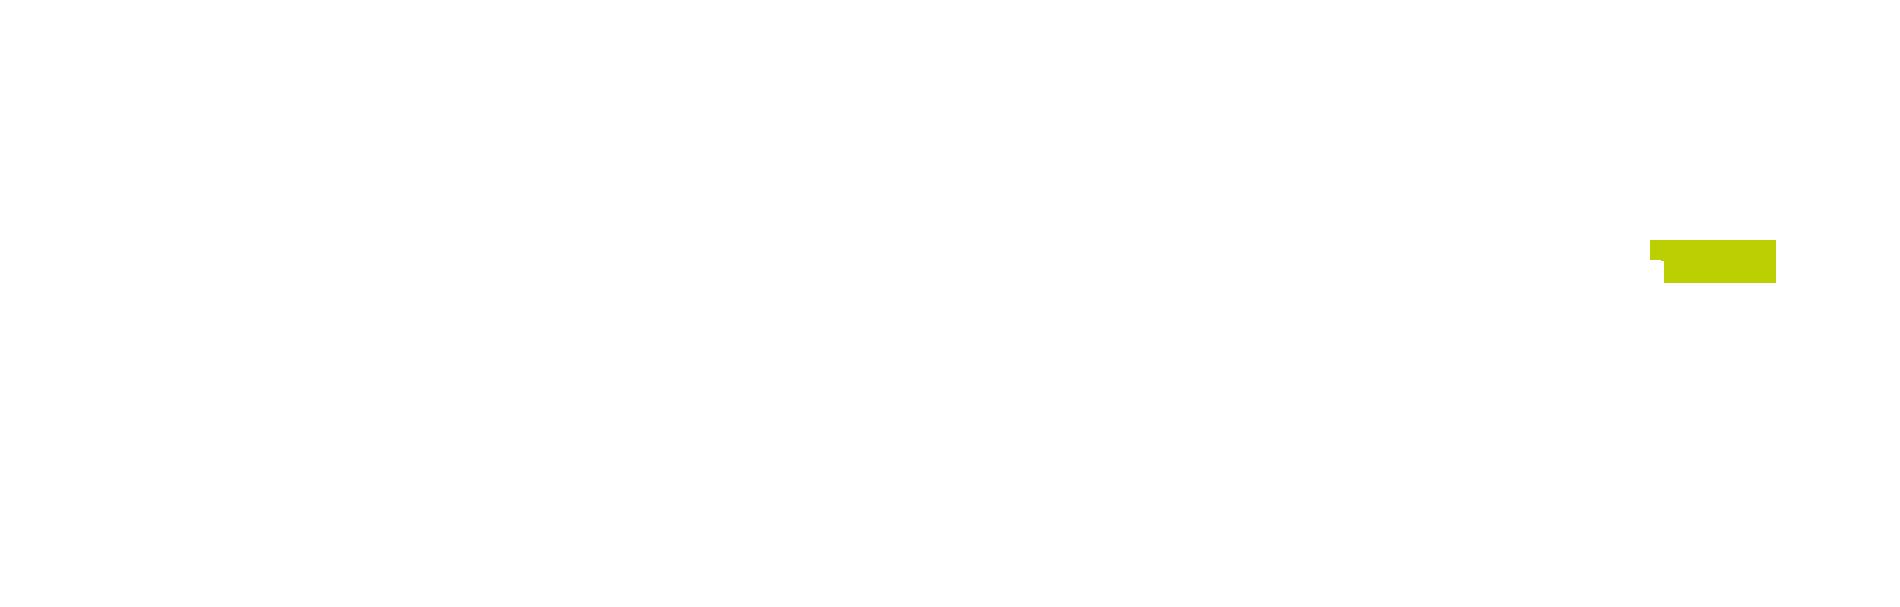 ScratchStopper Complete: Dein Display komplett abgedeckt